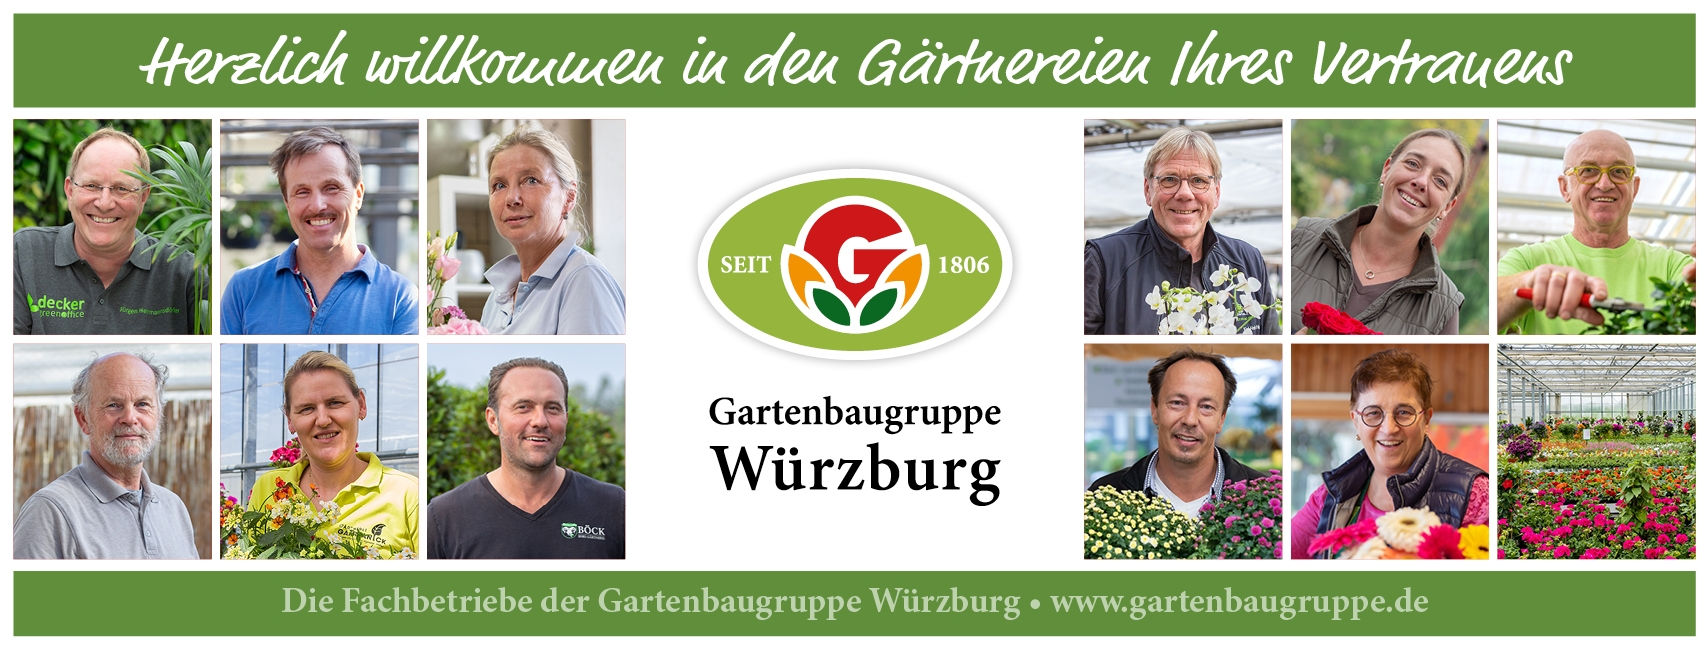 Die Gartenbaugruppe Würzburg: Alle Premium-Fachbetriebe im Kreis Würzburg